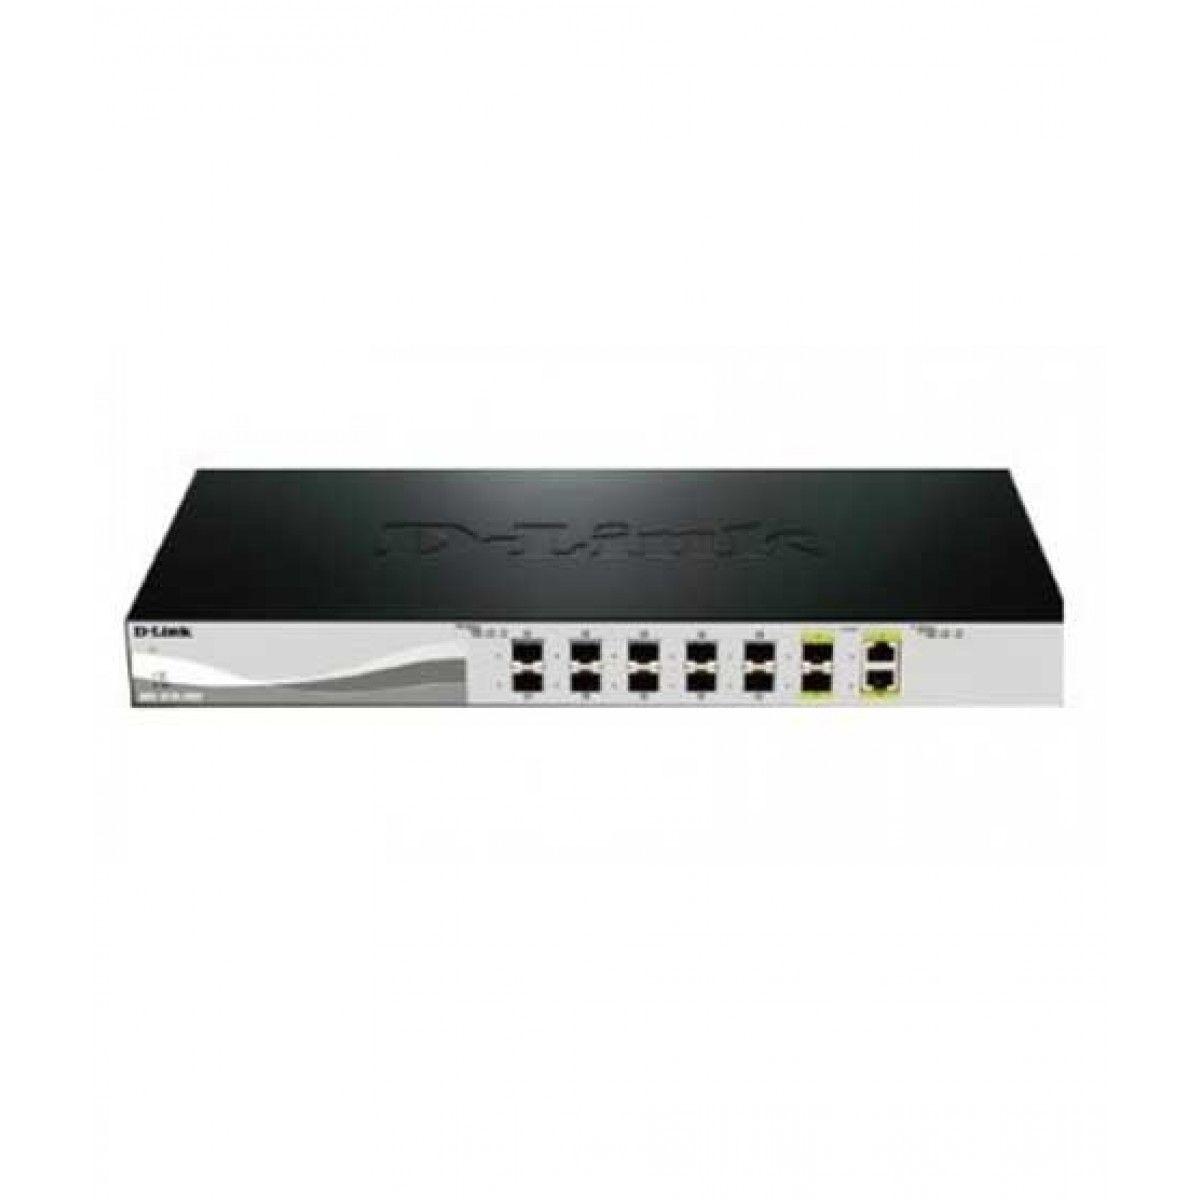 D-Link 12-Port Smart Managed Ethernet Switch (DXS-1210-12SC)